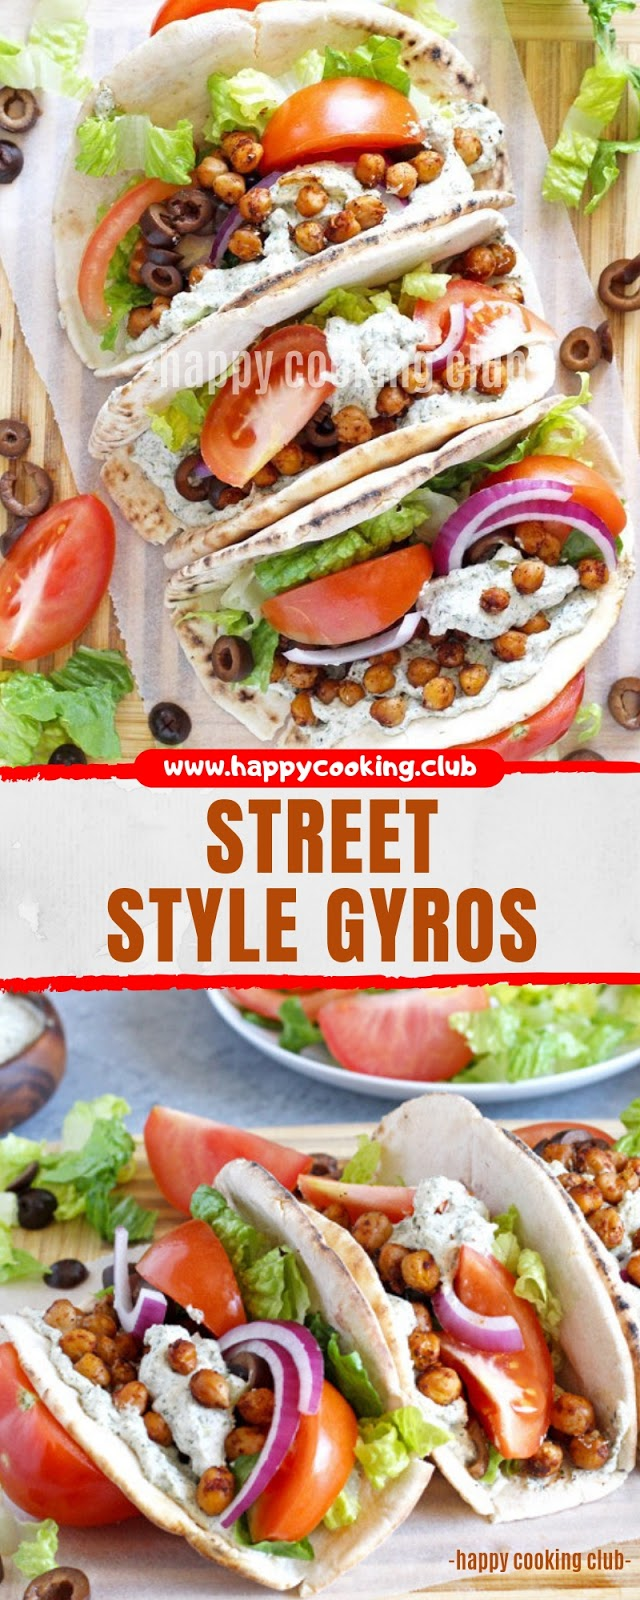 STREET STYLE GYROS